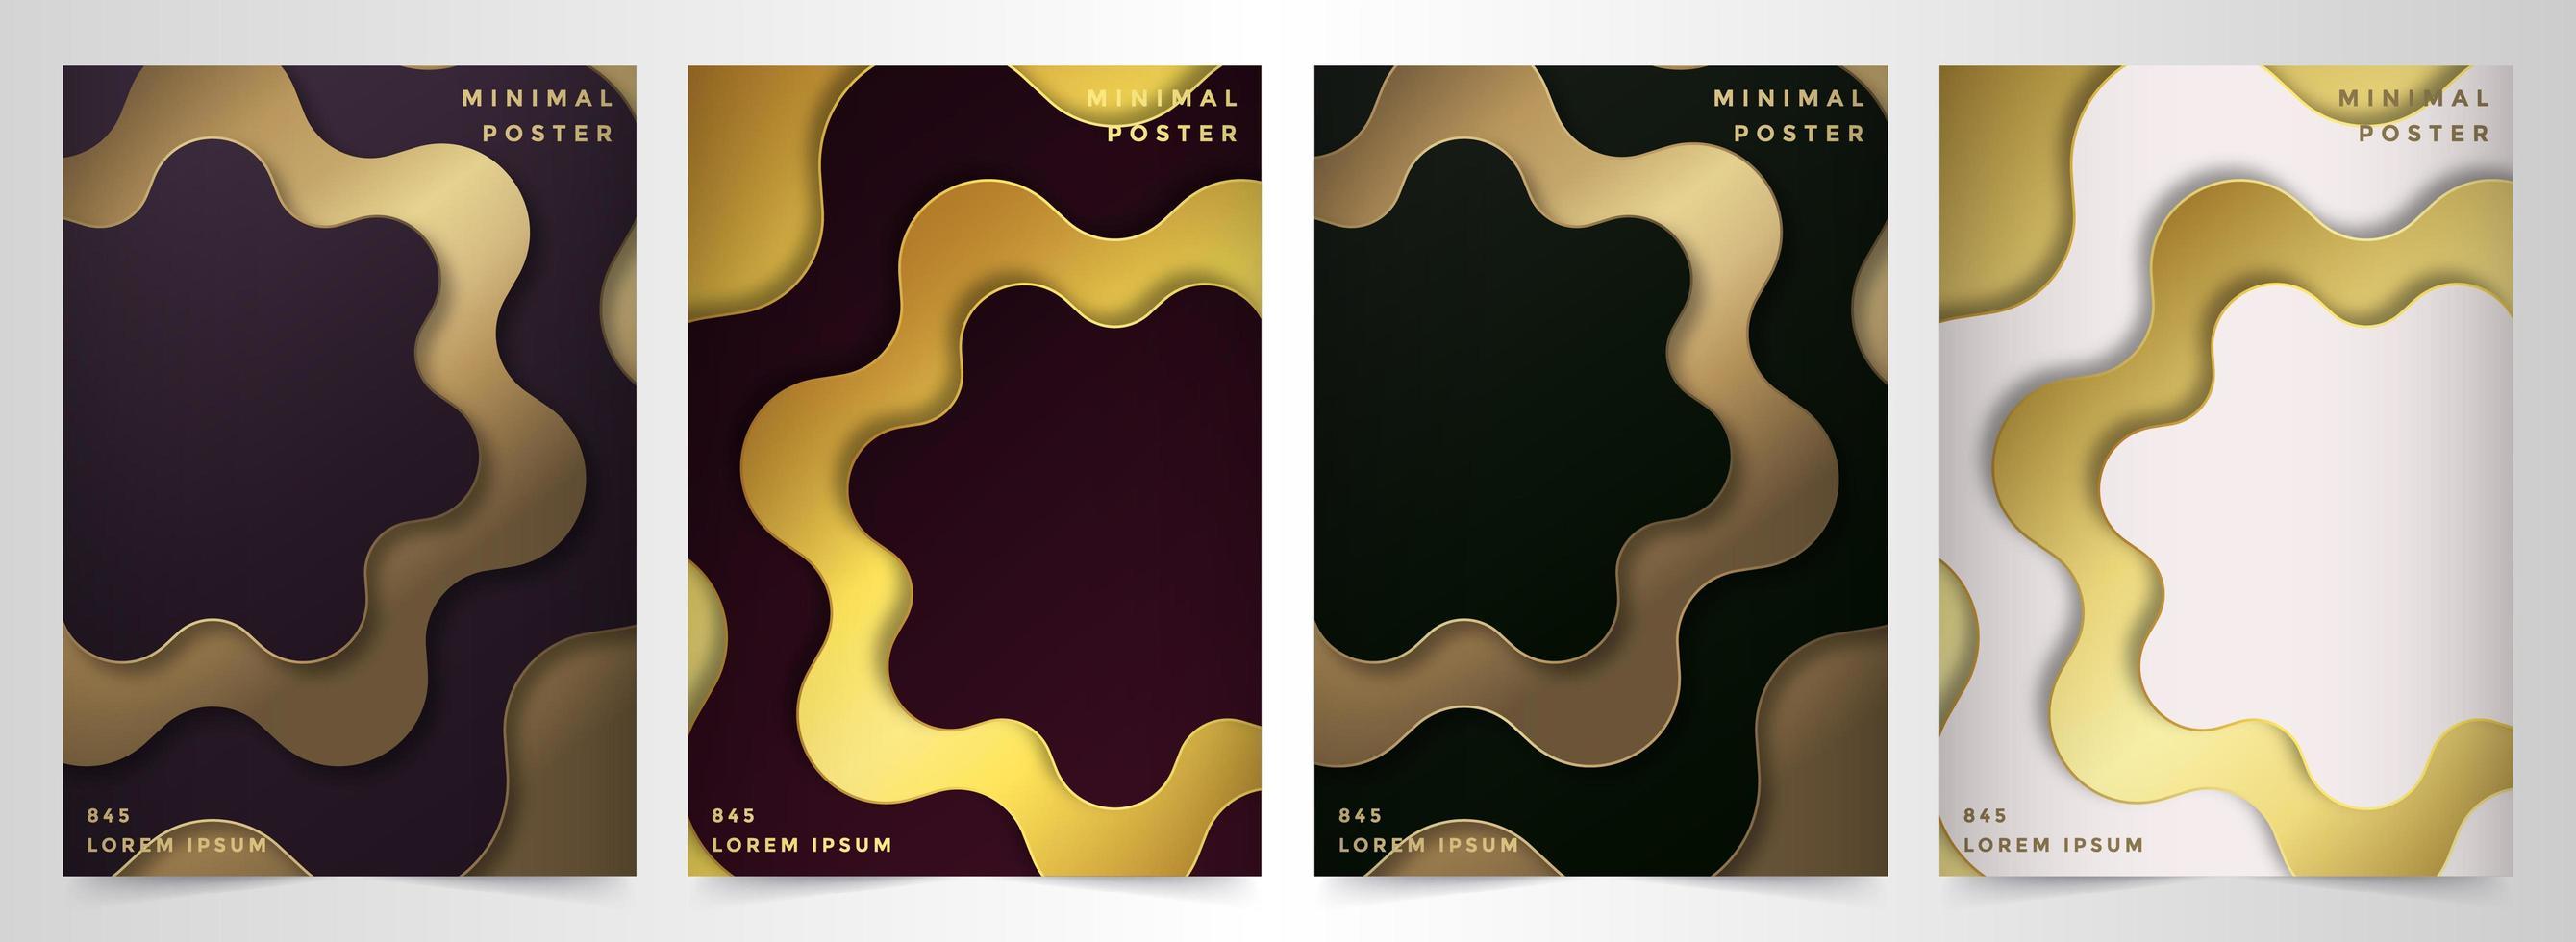 minimale poster set met gouden bloemenvormen vector